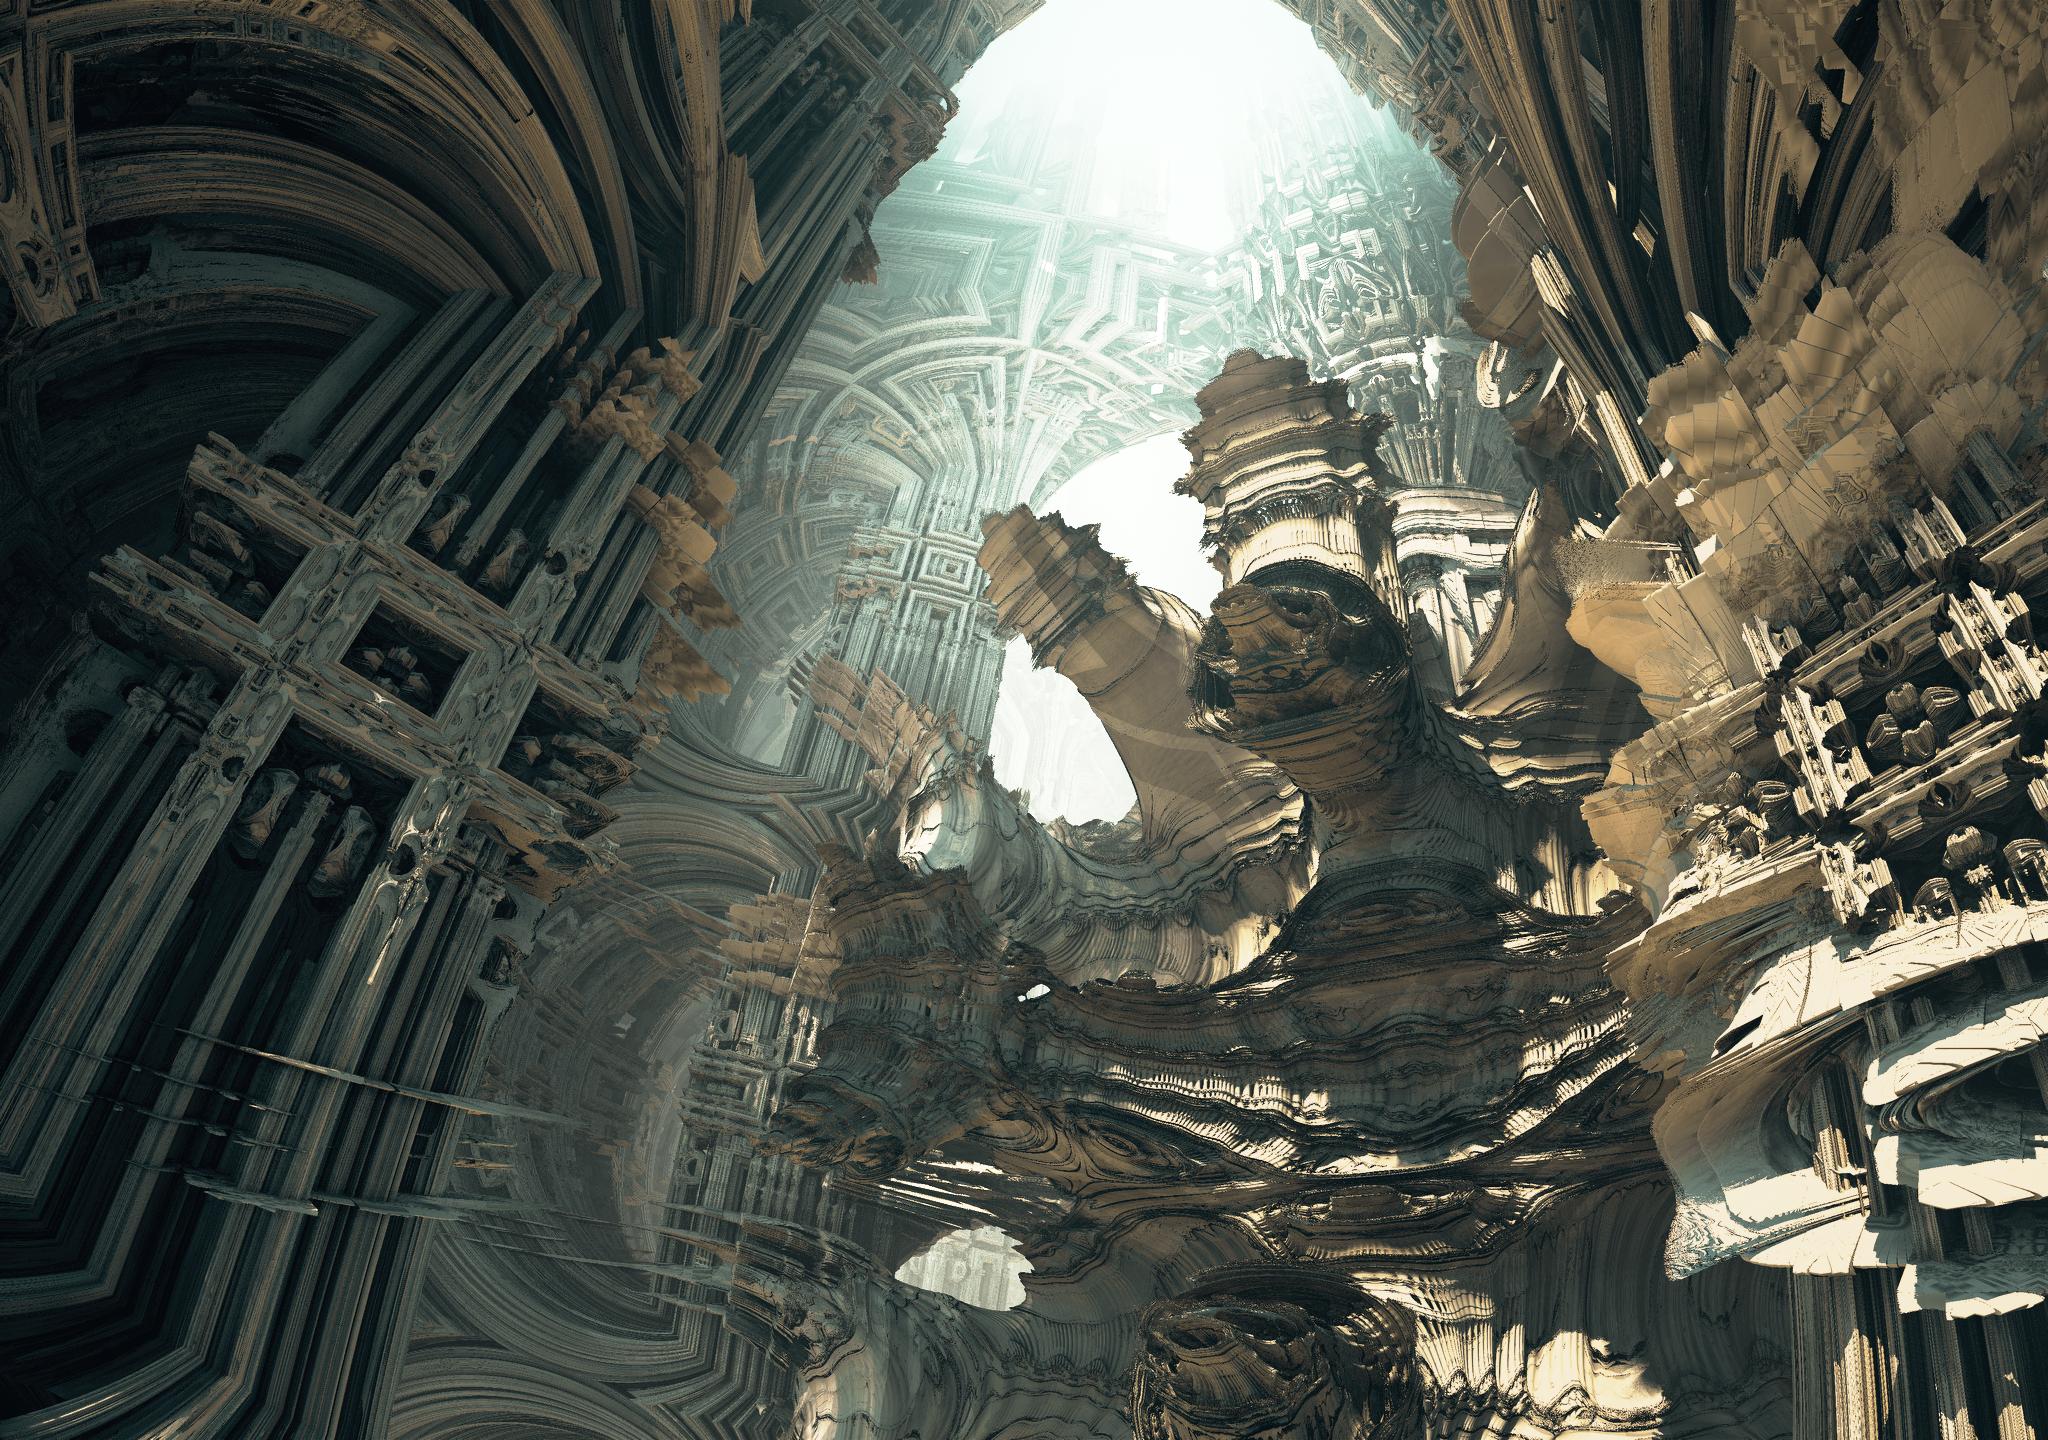 Gaudi's Awakening 2048x1440